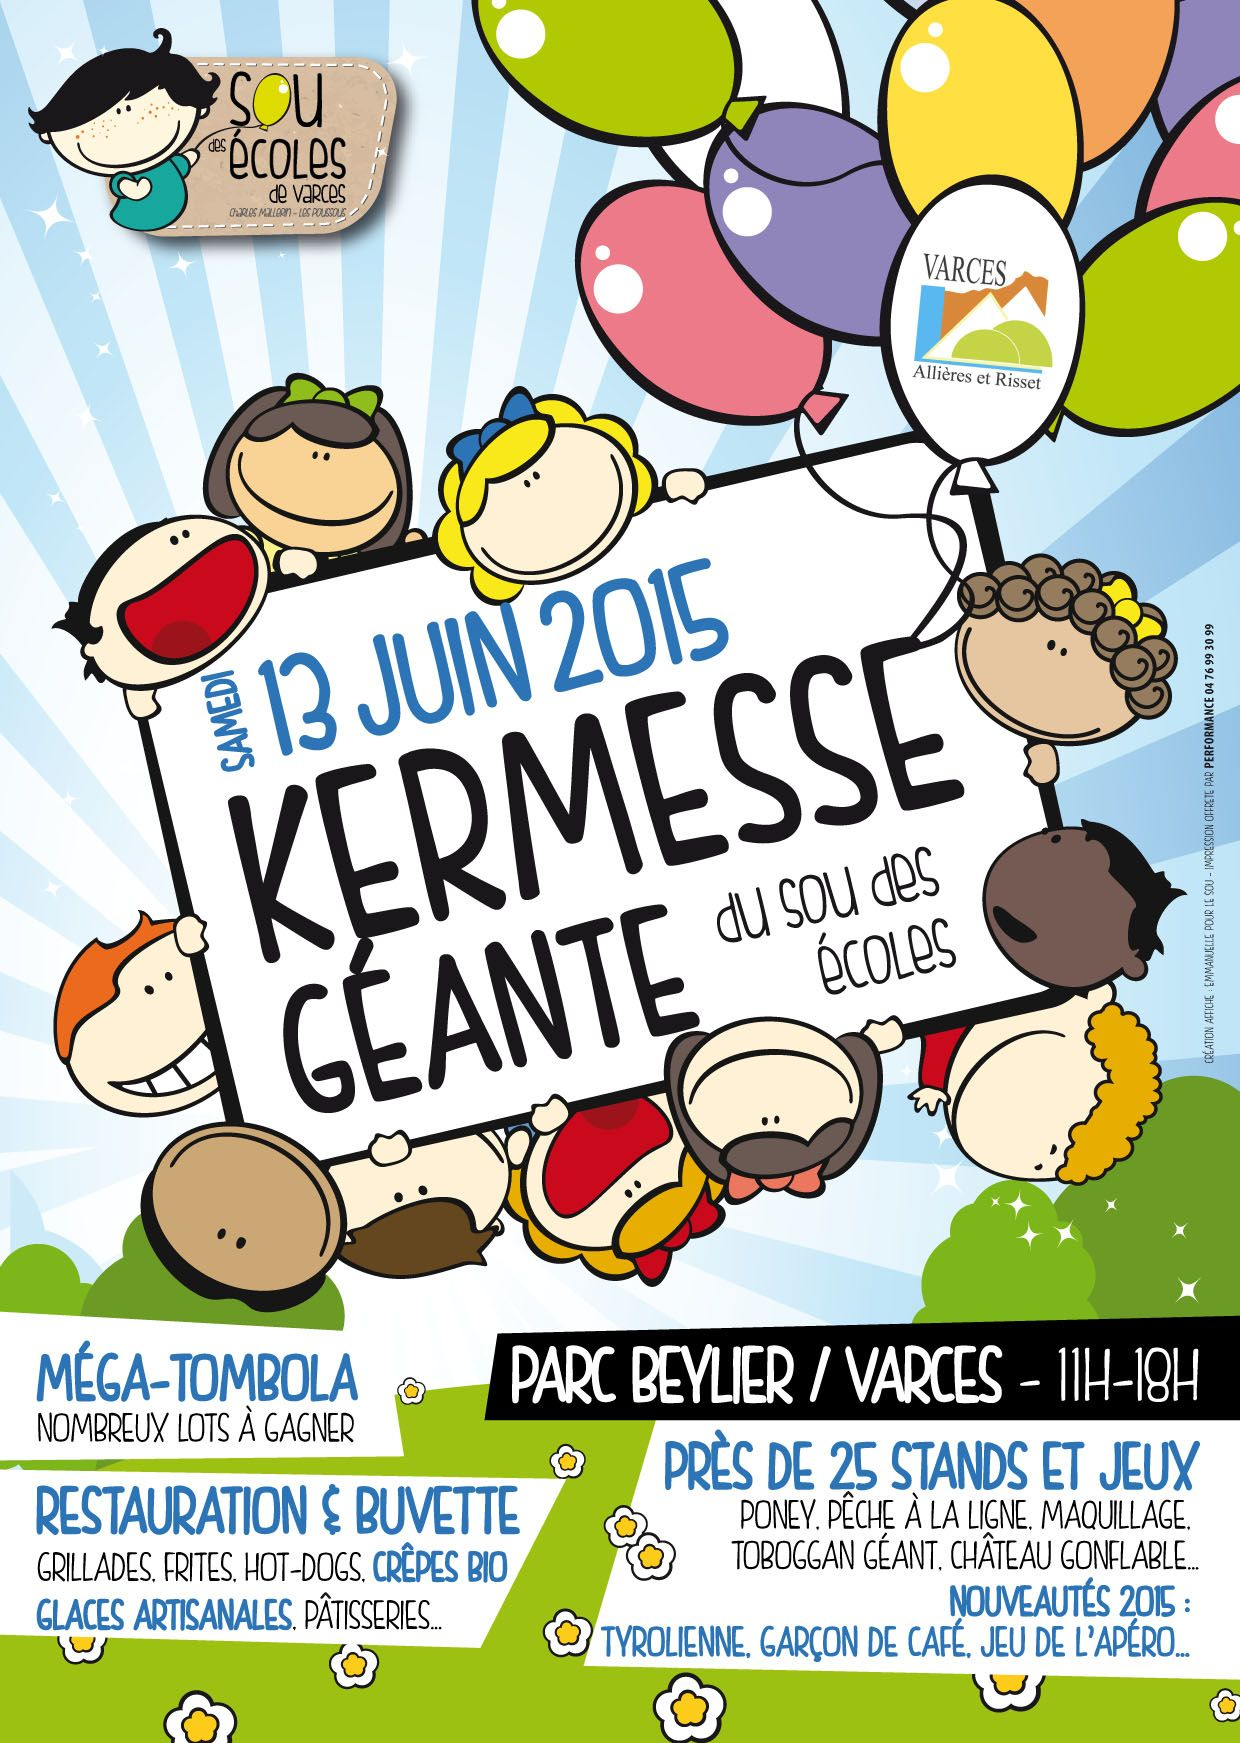 Affiche de la kermesse 2015 yard sale school parties design et graphic design - Kermesse dessin ...